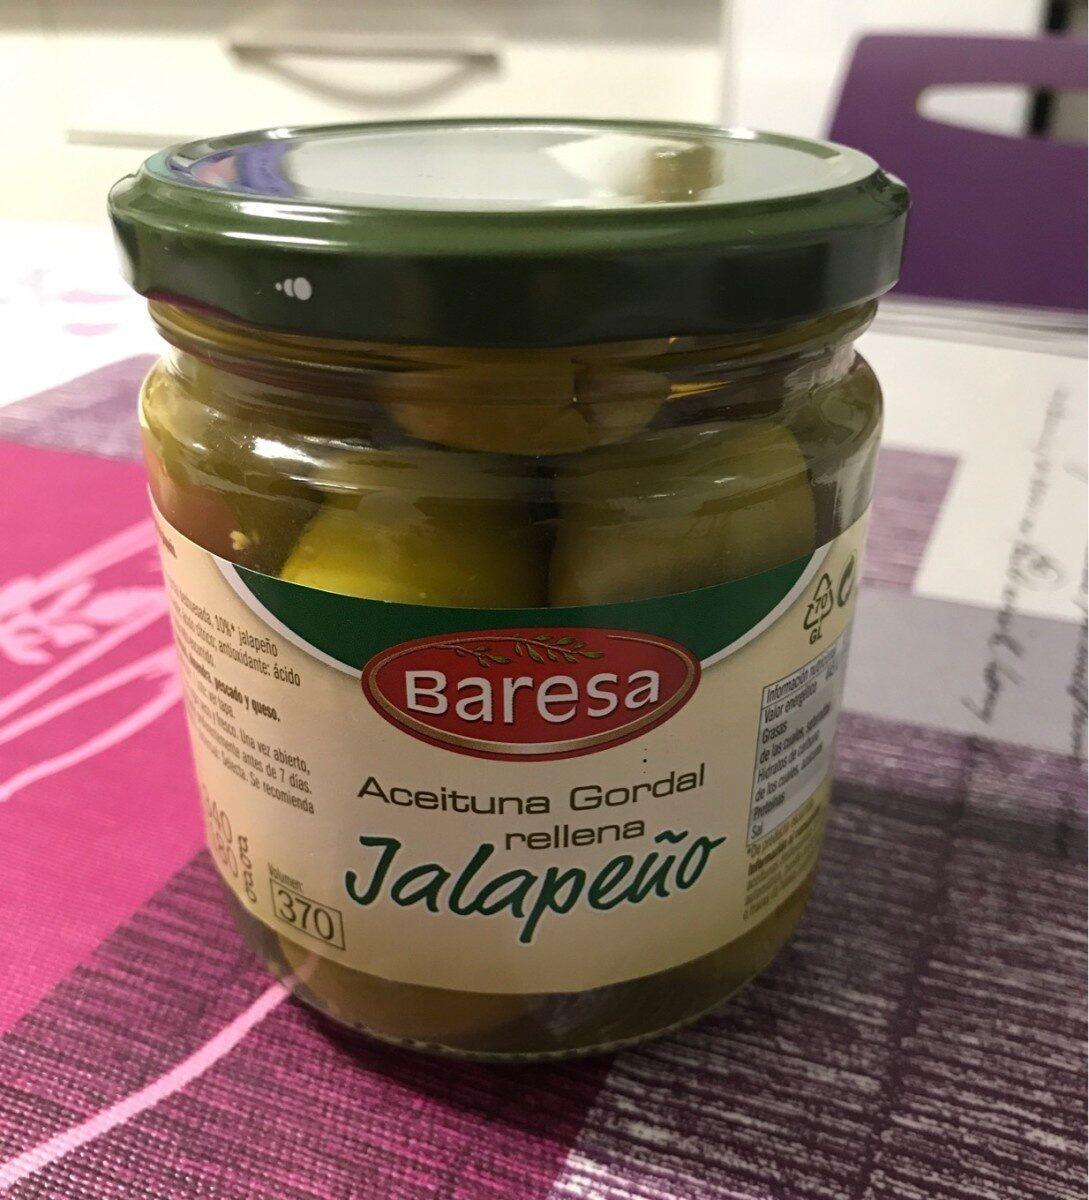 Aceituna gordal rellena jalapeño - Product